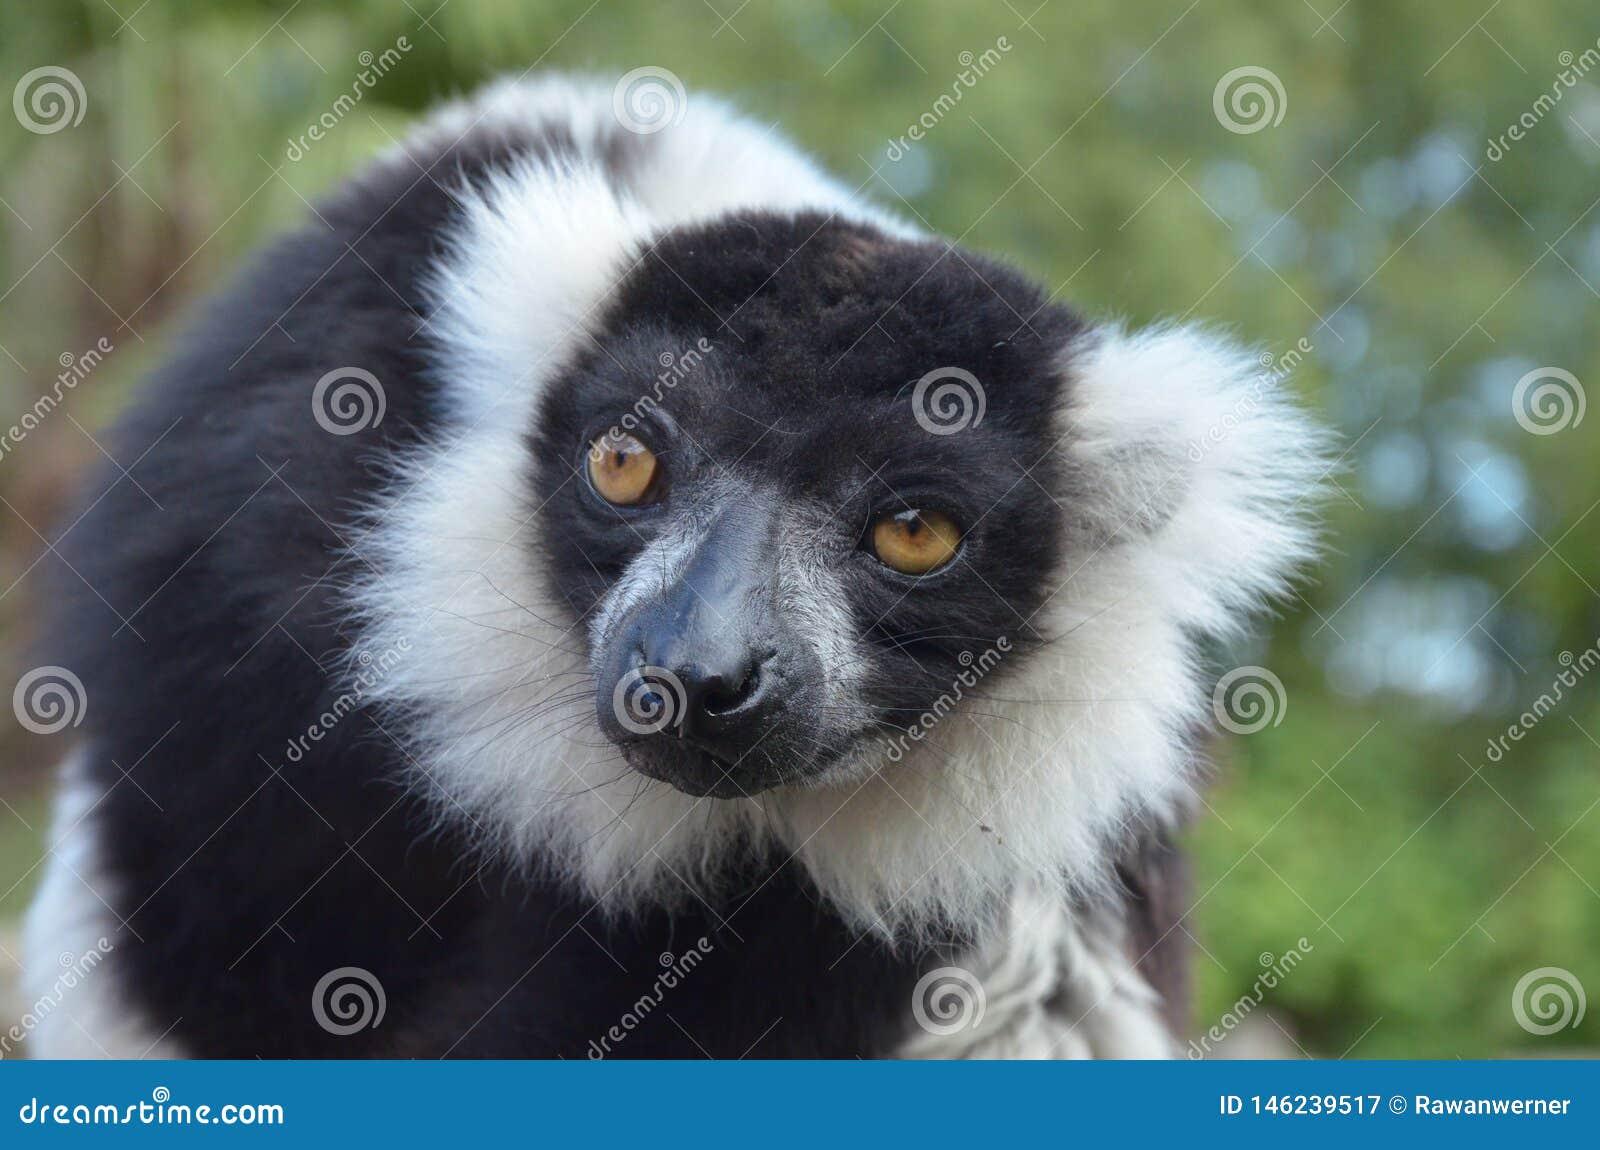 Black and white ruffed lemur vari